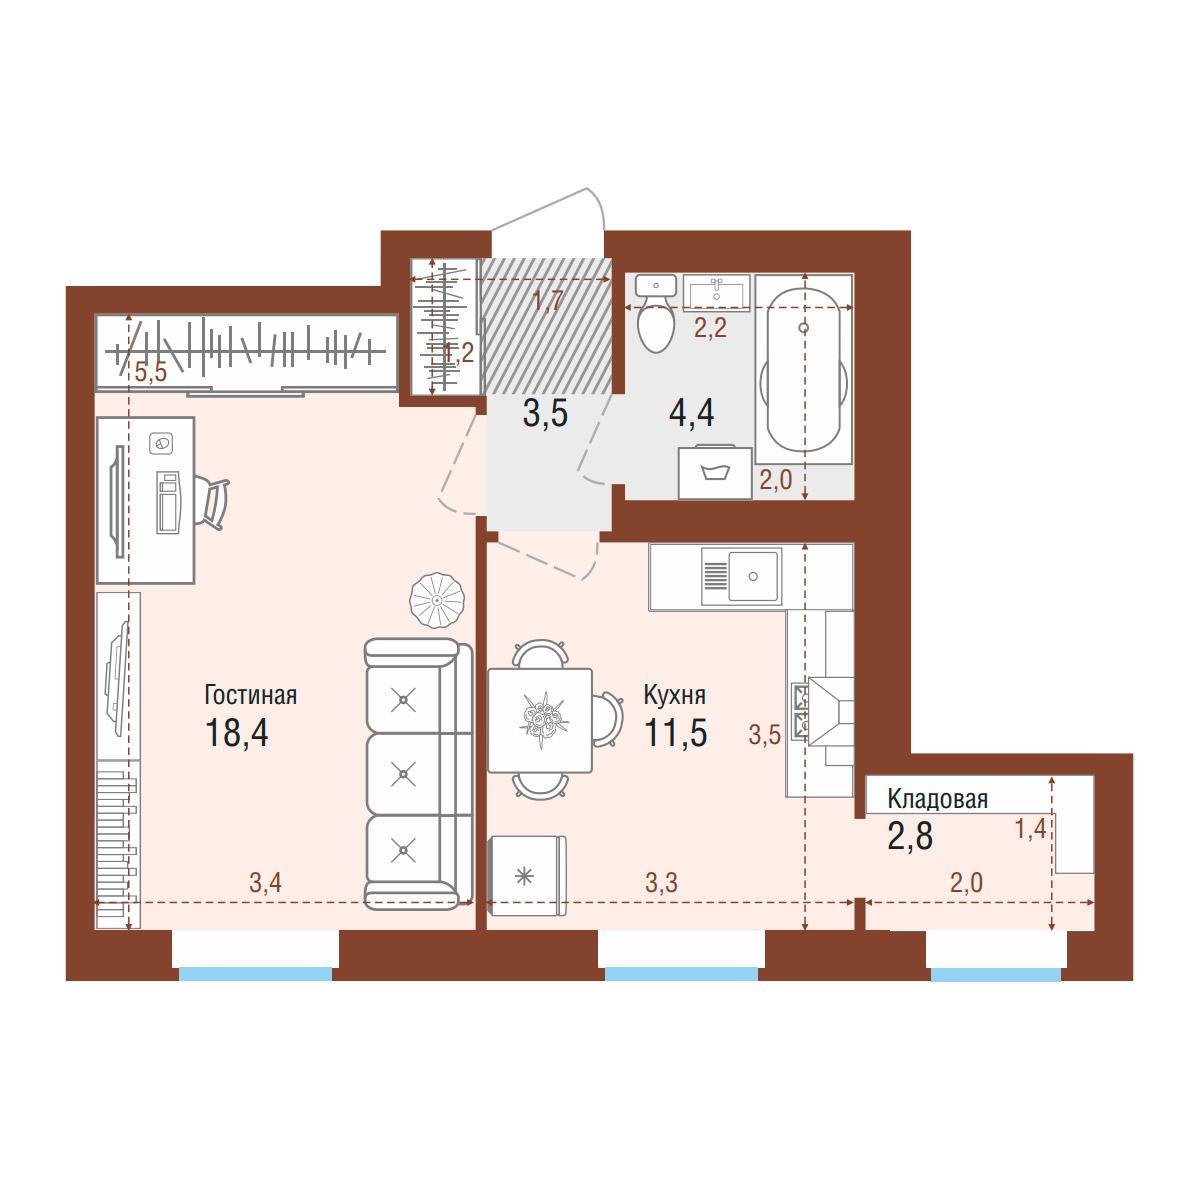 Планировка 1-комнатная площадью 40.6 м<sup>2</sup> в ЖК Одесса